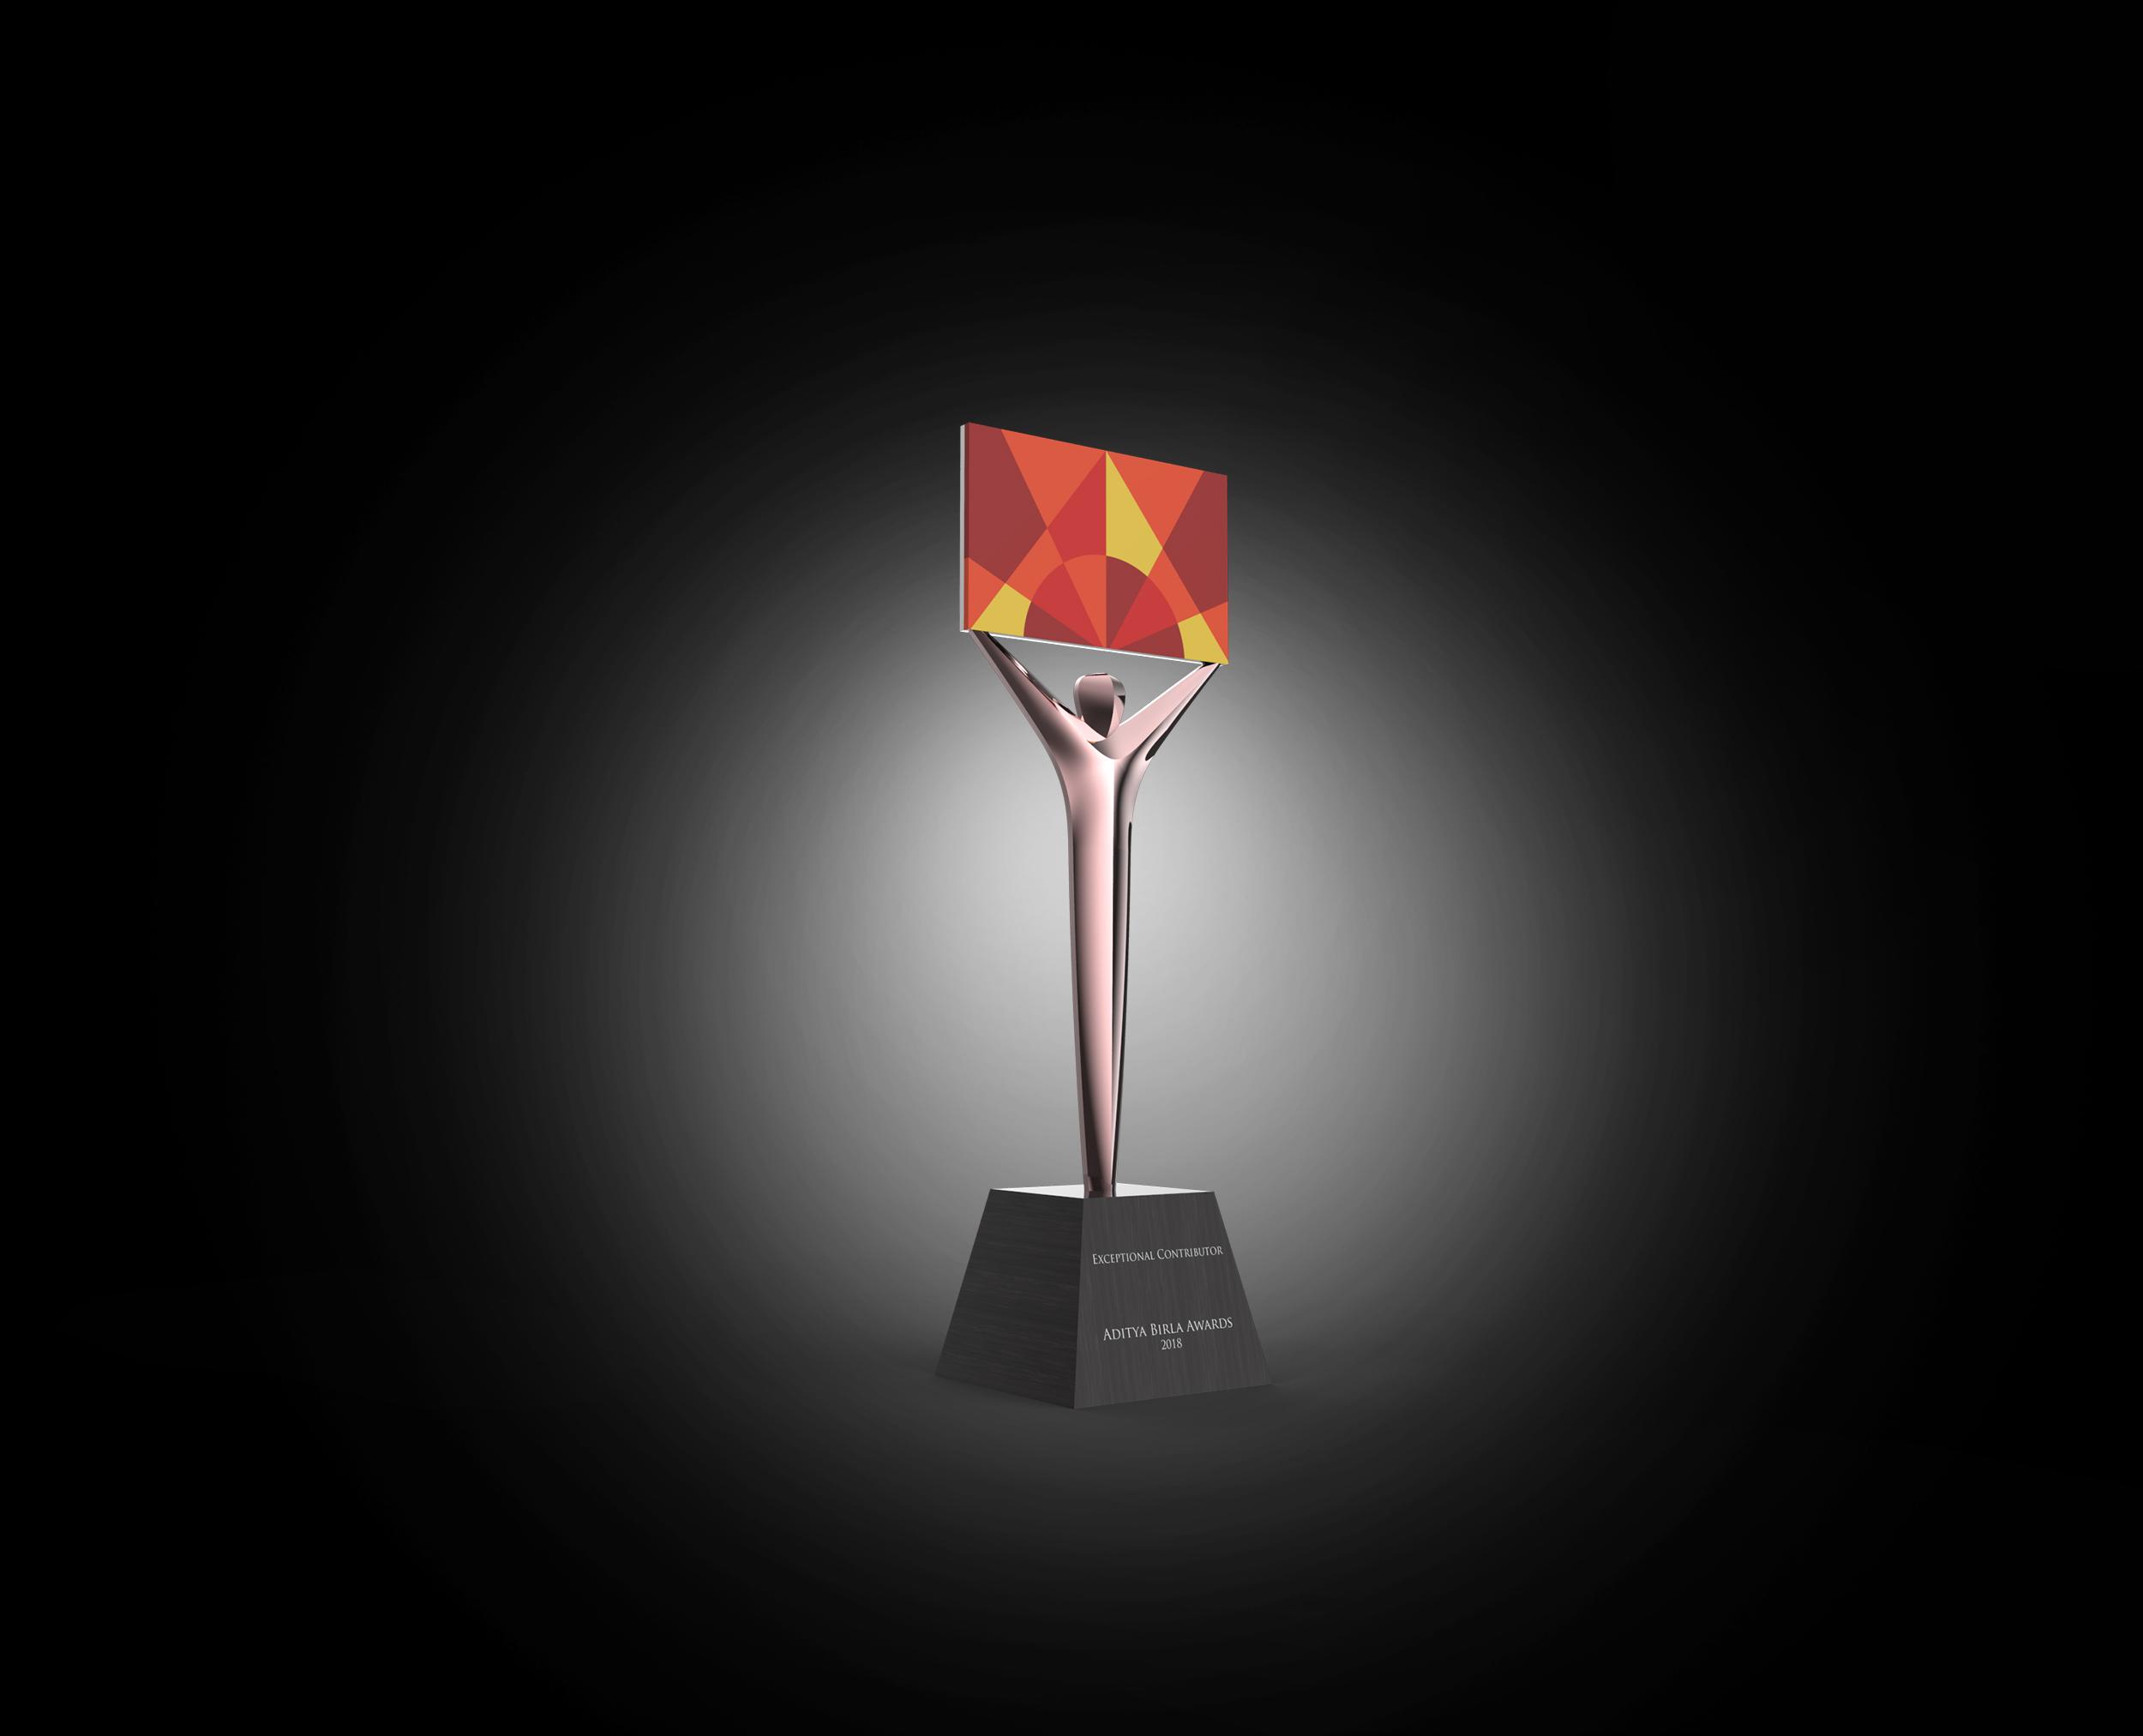 Aditya_Birla_Awards_06